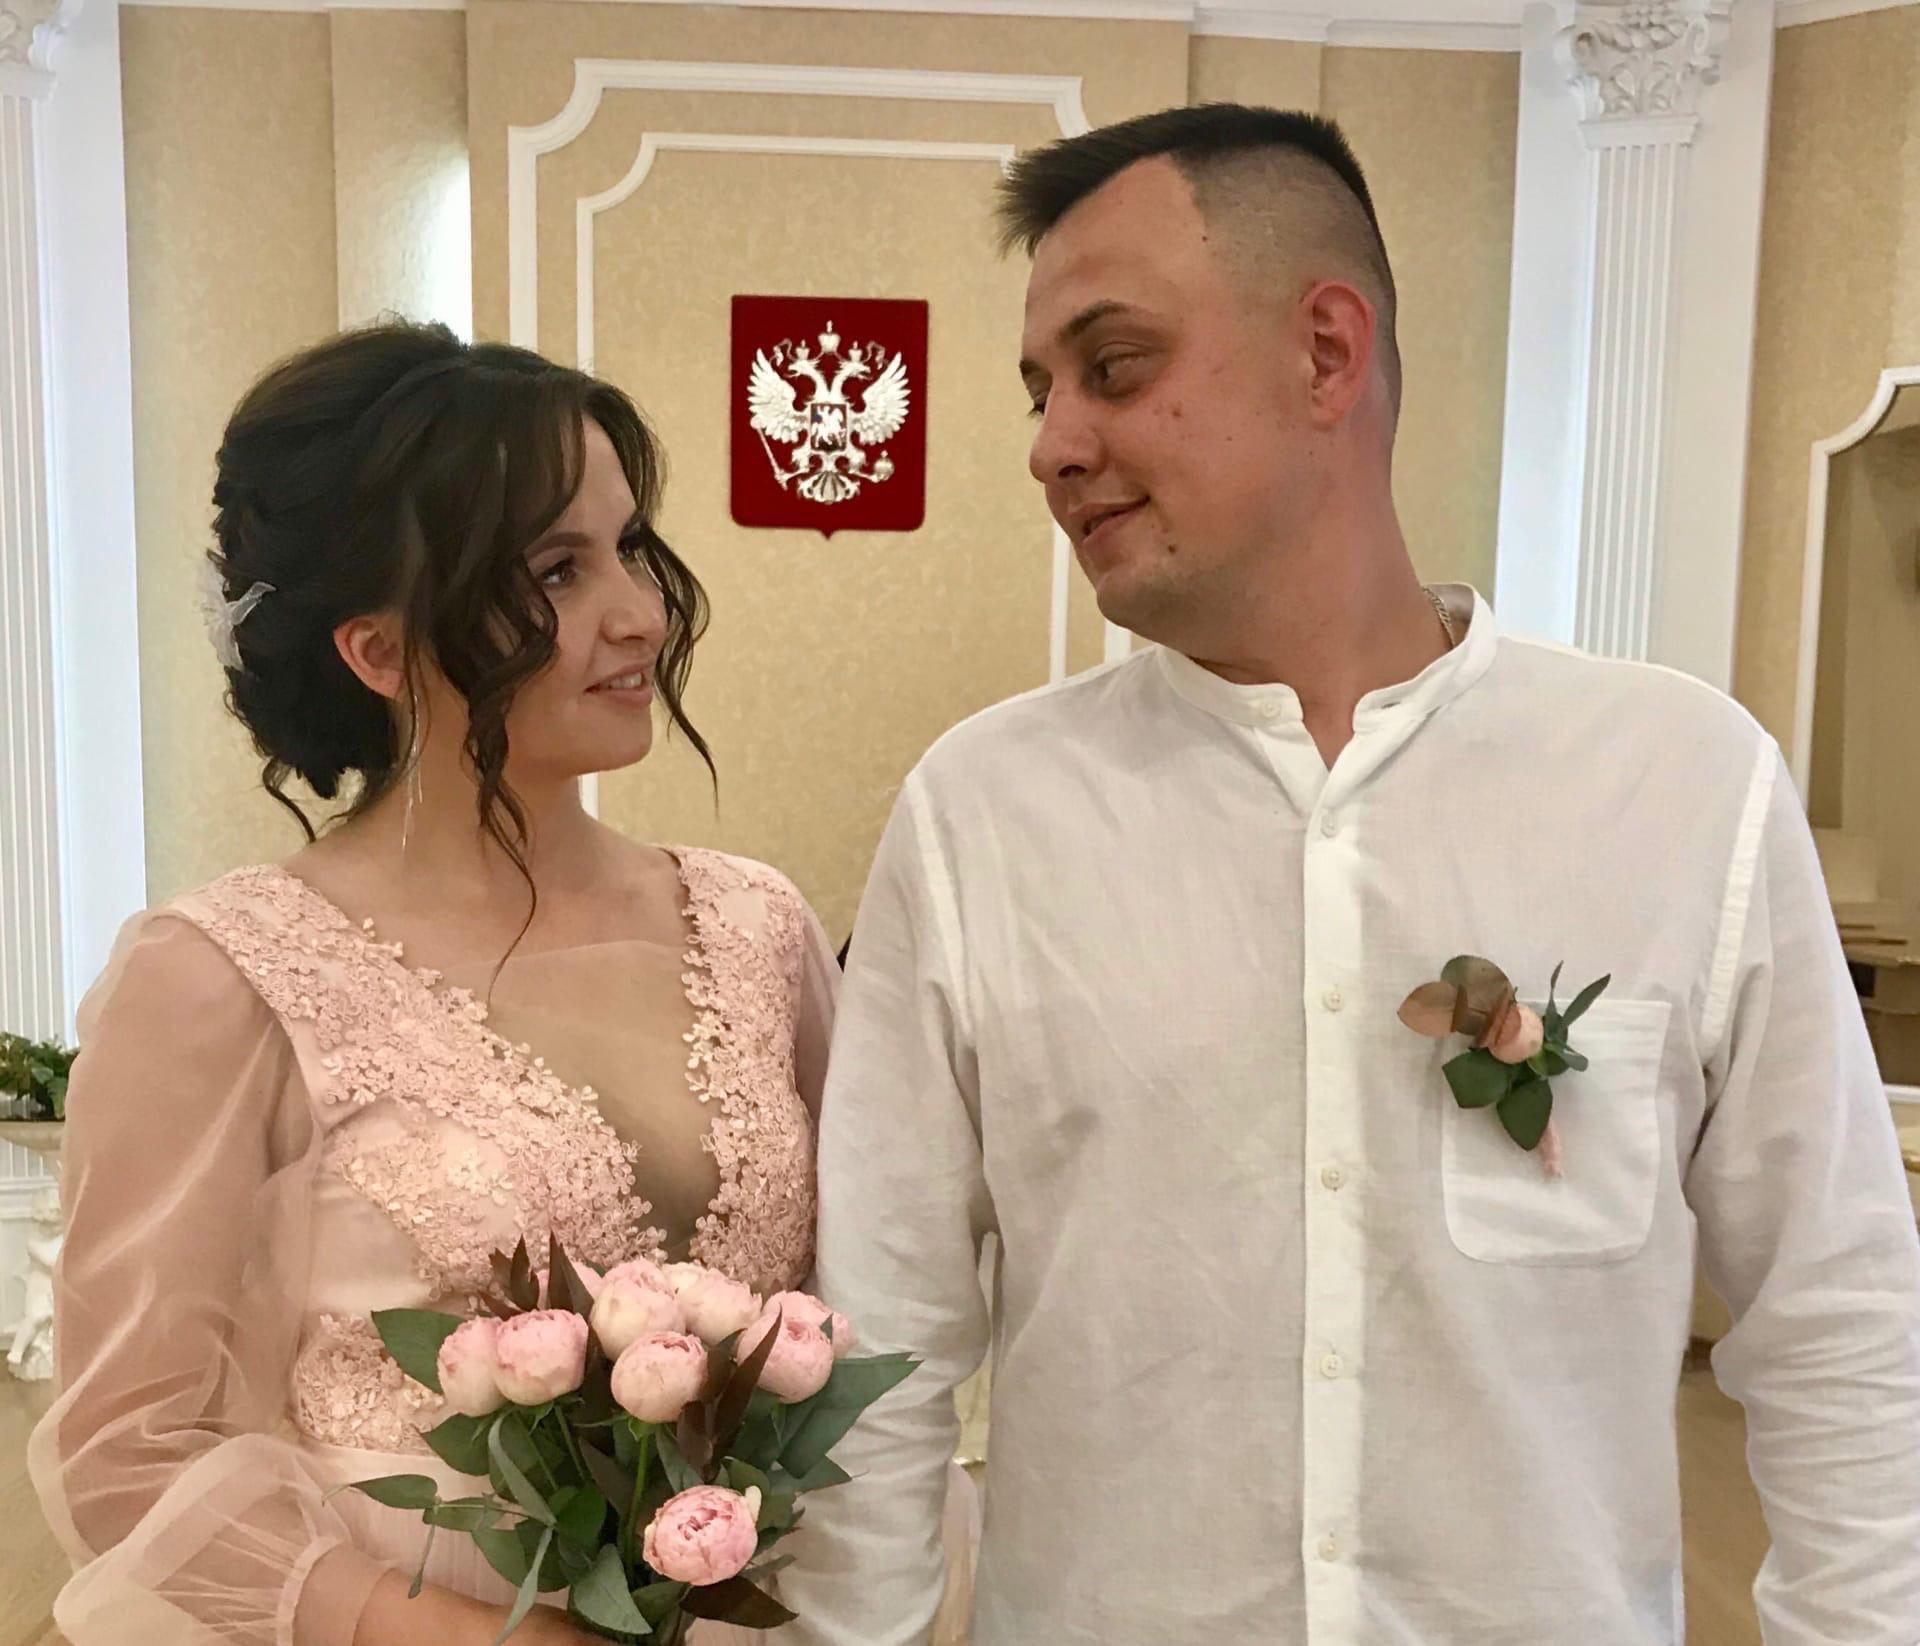 100-ая пара молодожёнов зарегистрирована в можгинском ЗАГСеКрасивая